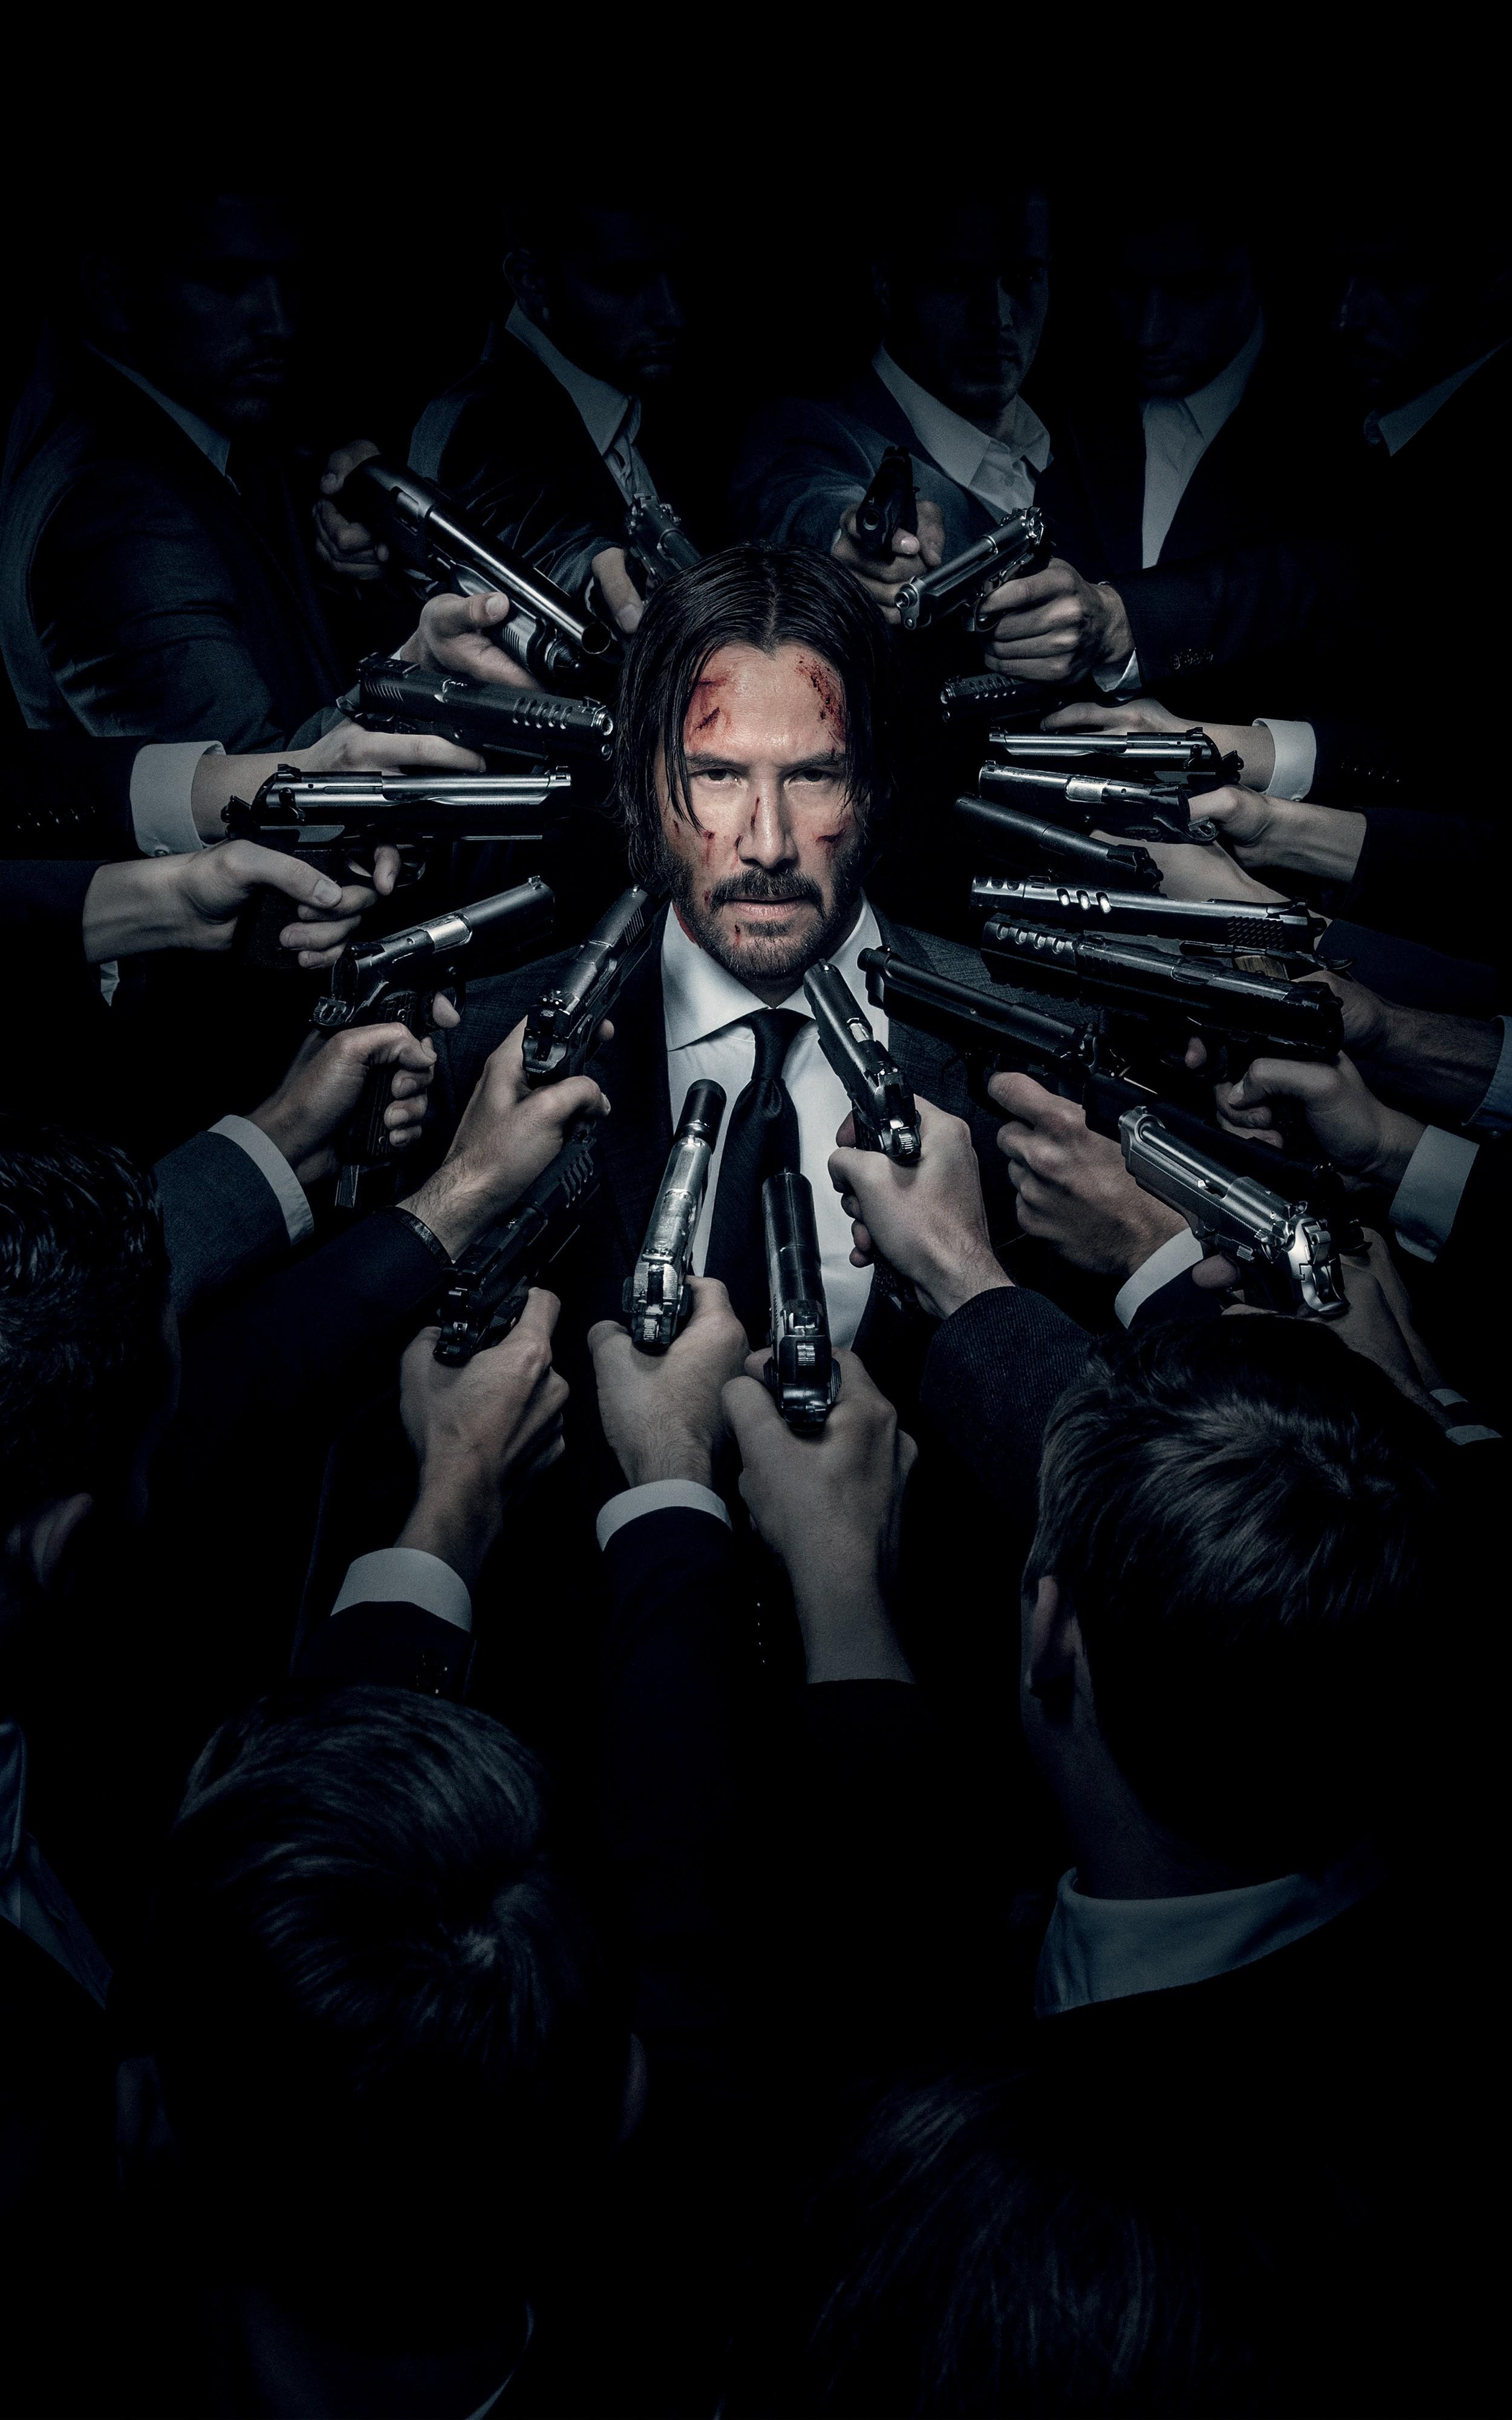 액션 · 범죄 · 어드벤처